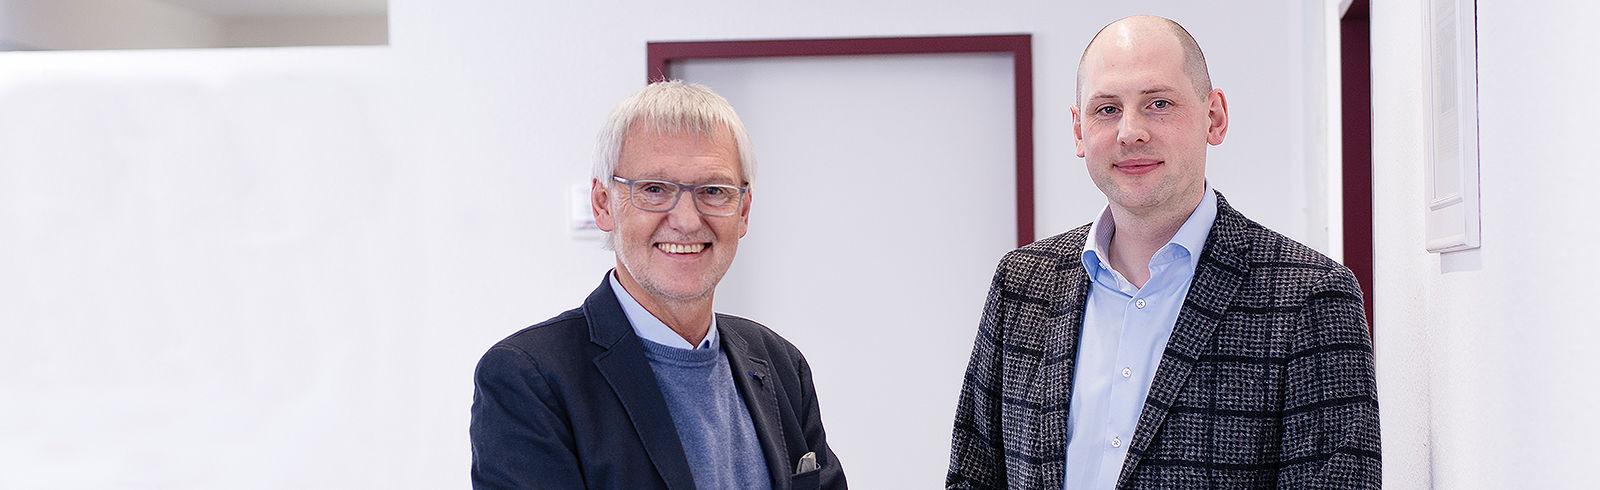 Hans-Gerd und Marco Robin, Geschäftsführer der ROBIN GmbH